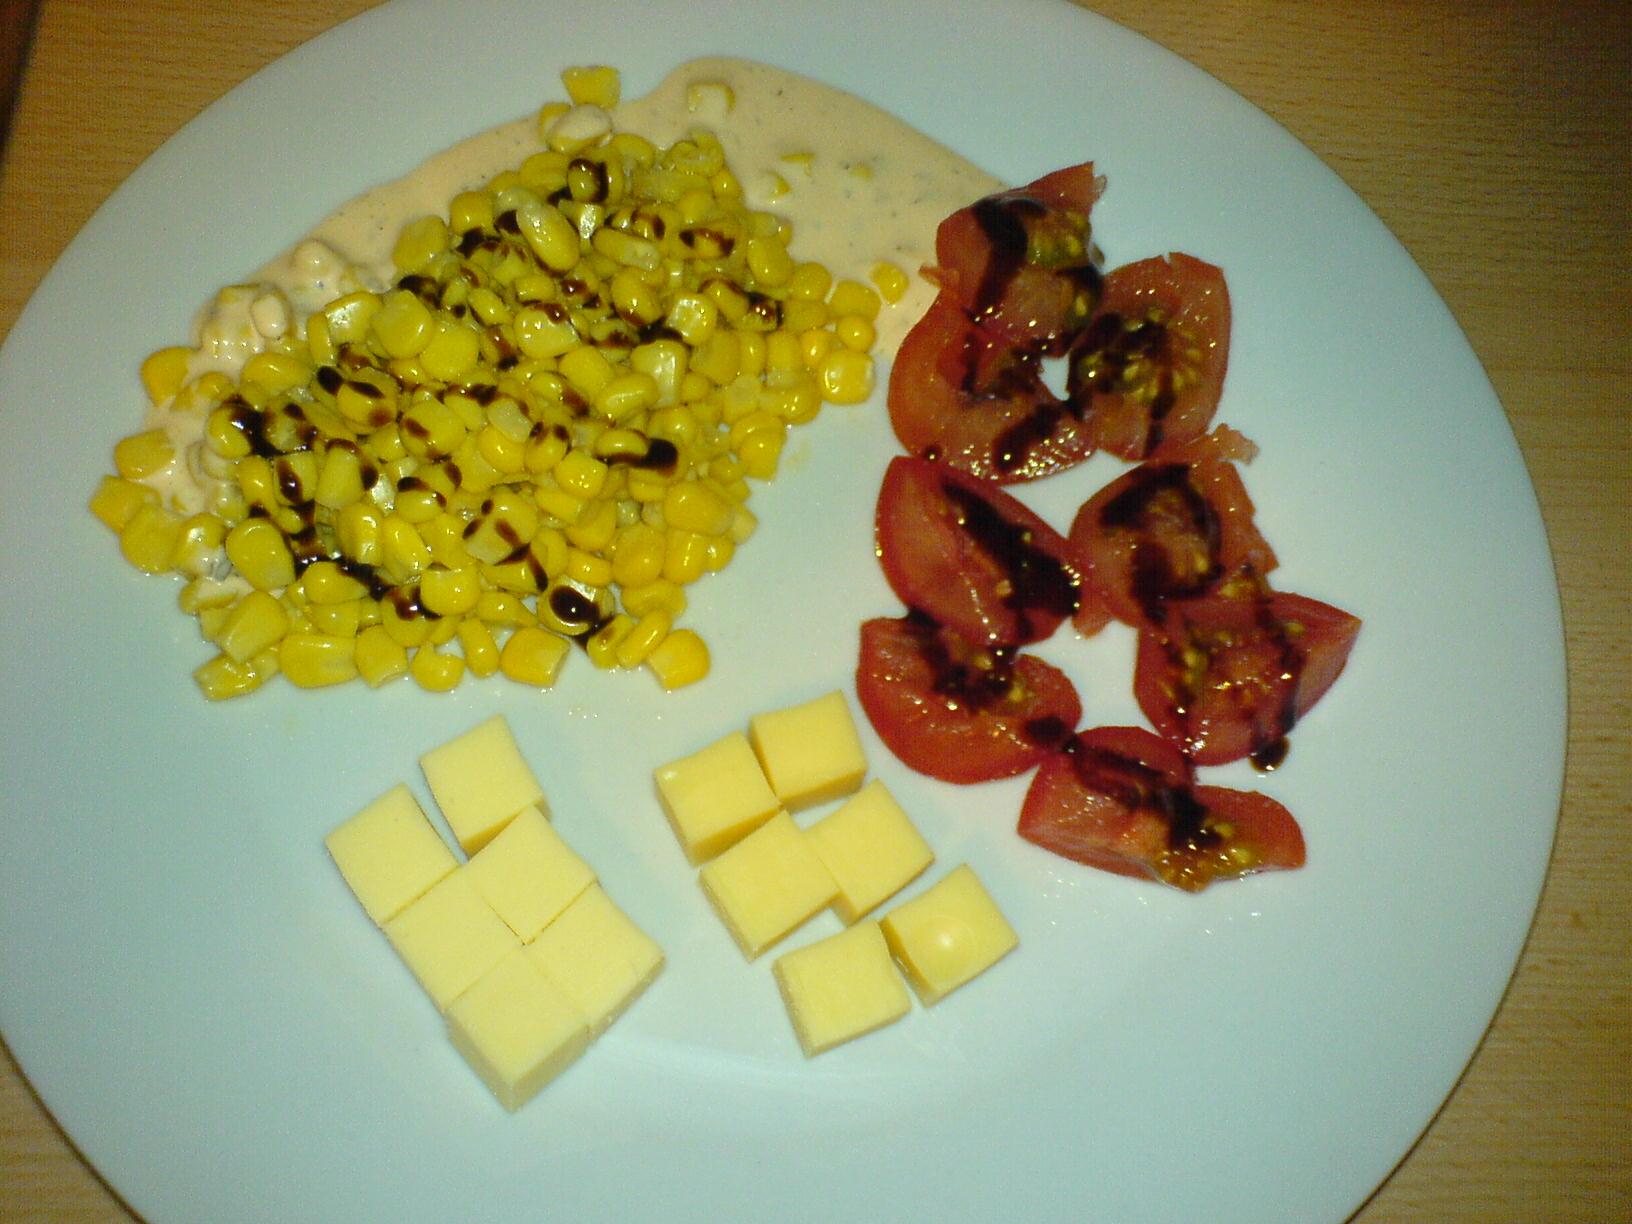 http://foodloader.net/Holz_2010-05-11_Salatteller.jpg